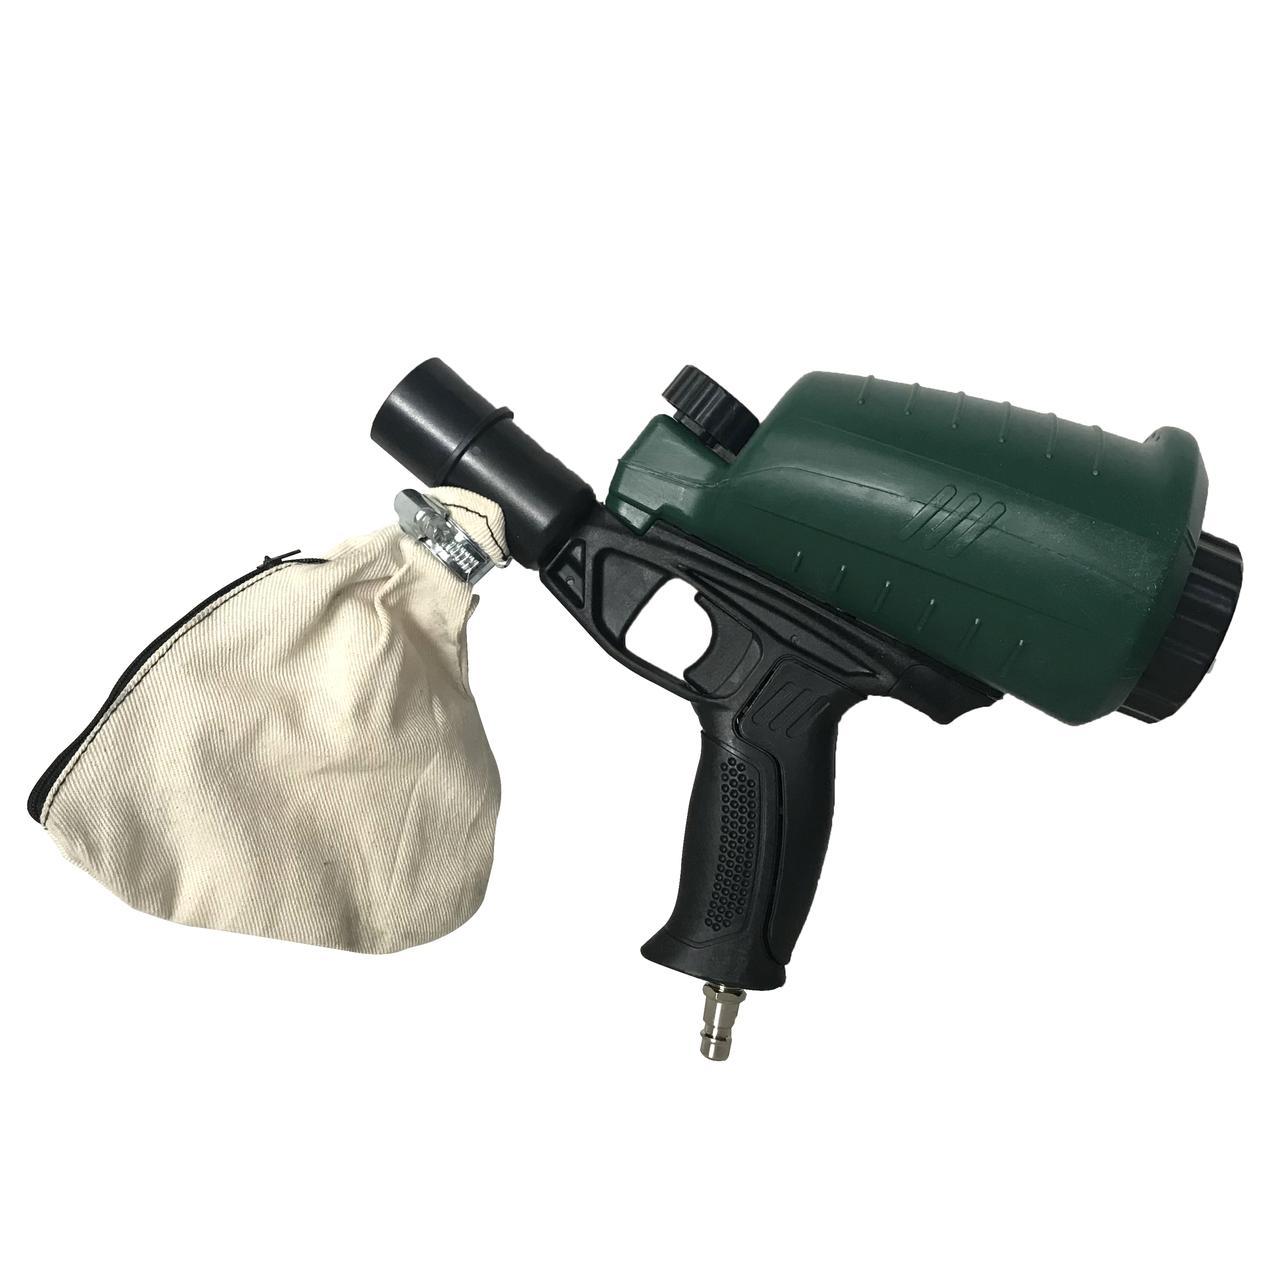 Пескоструйный пистолет Parkside (Germany) с рекуперацией, Обьем бака: 0,9 л, 320 литр / в минуту